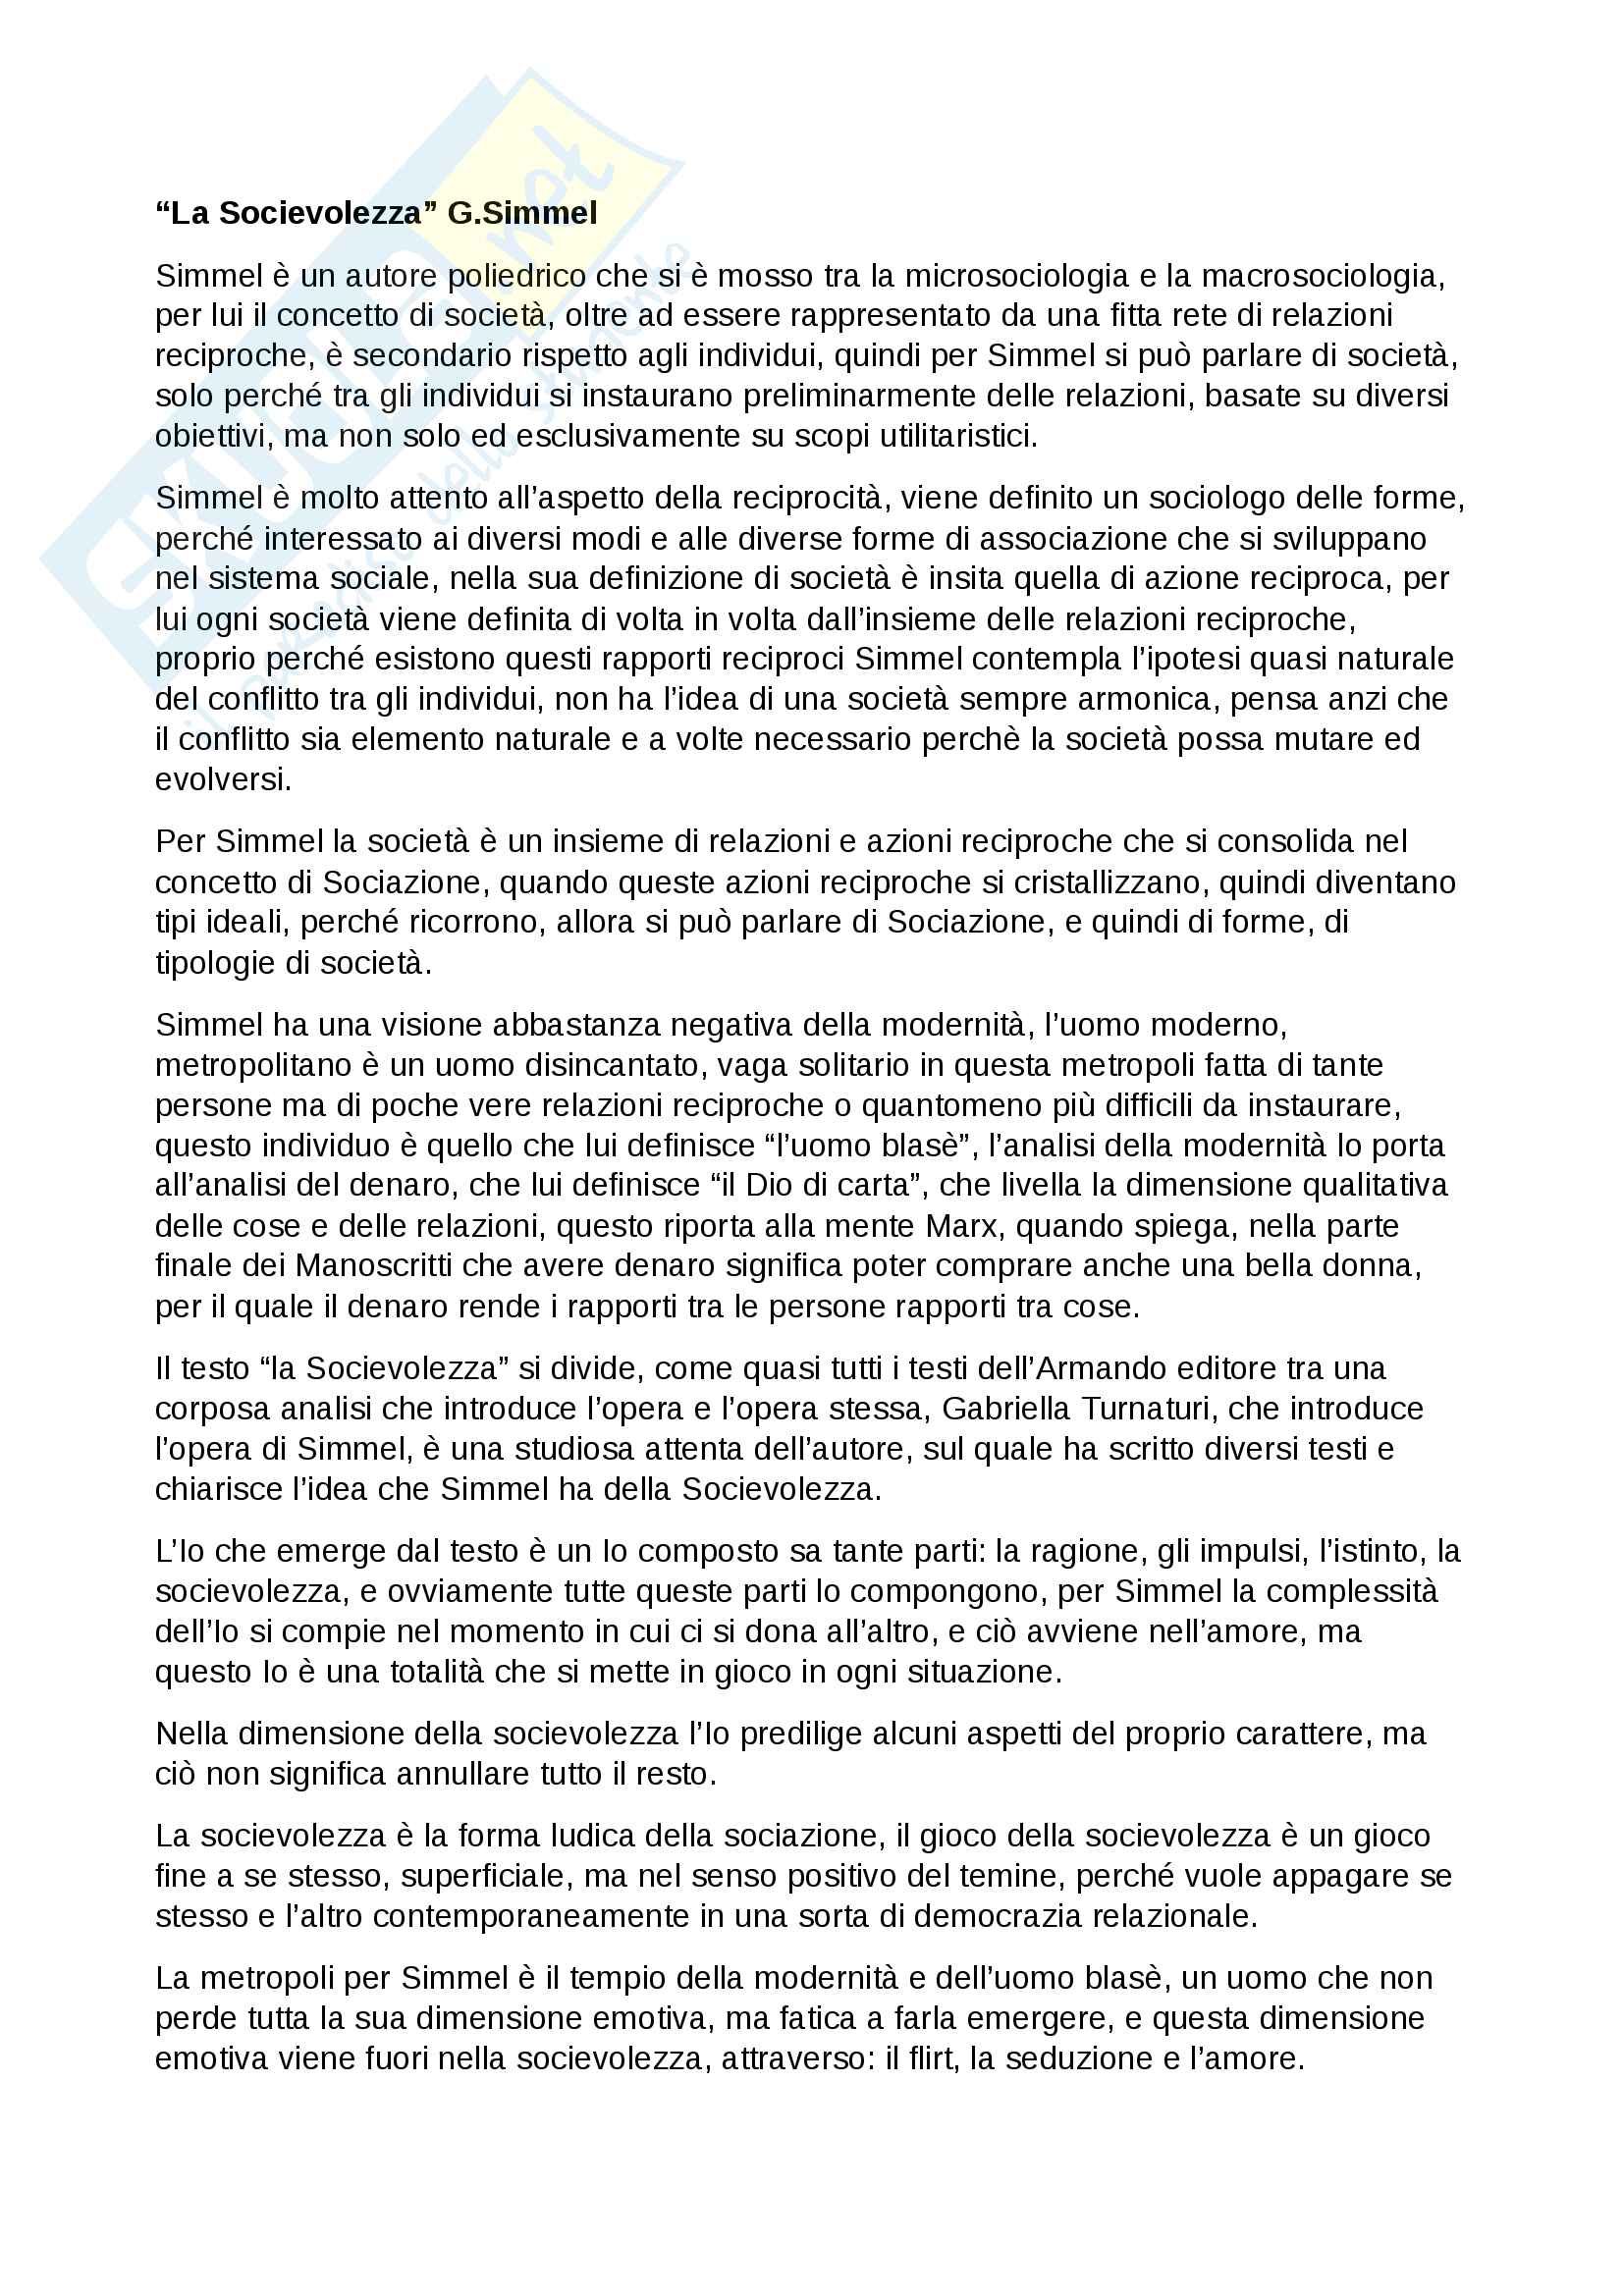 Appunti esame istituzioni di sociologia, prof. Ciampi, libro consigliato la Socievolezza